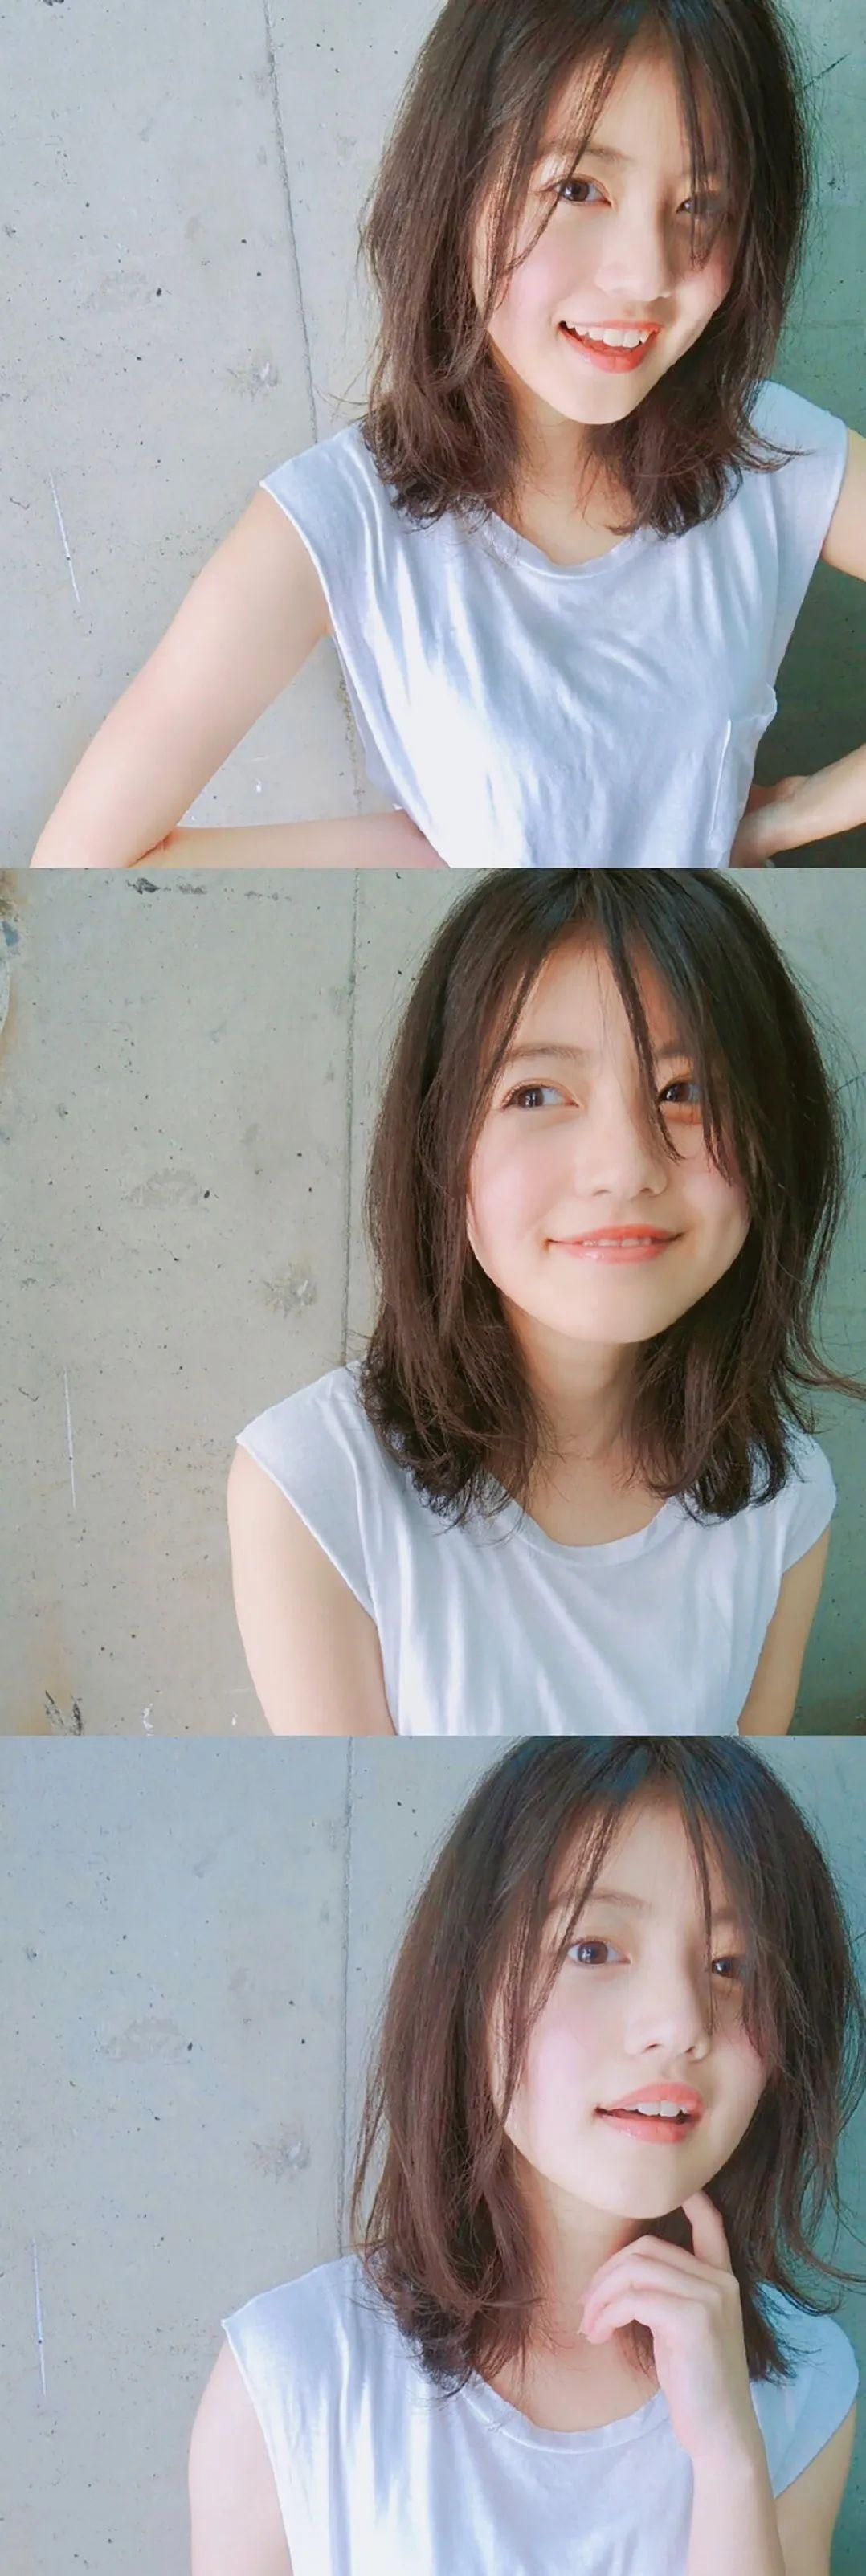 福冈第一美少女 今田美樱 写真_图片 No.7